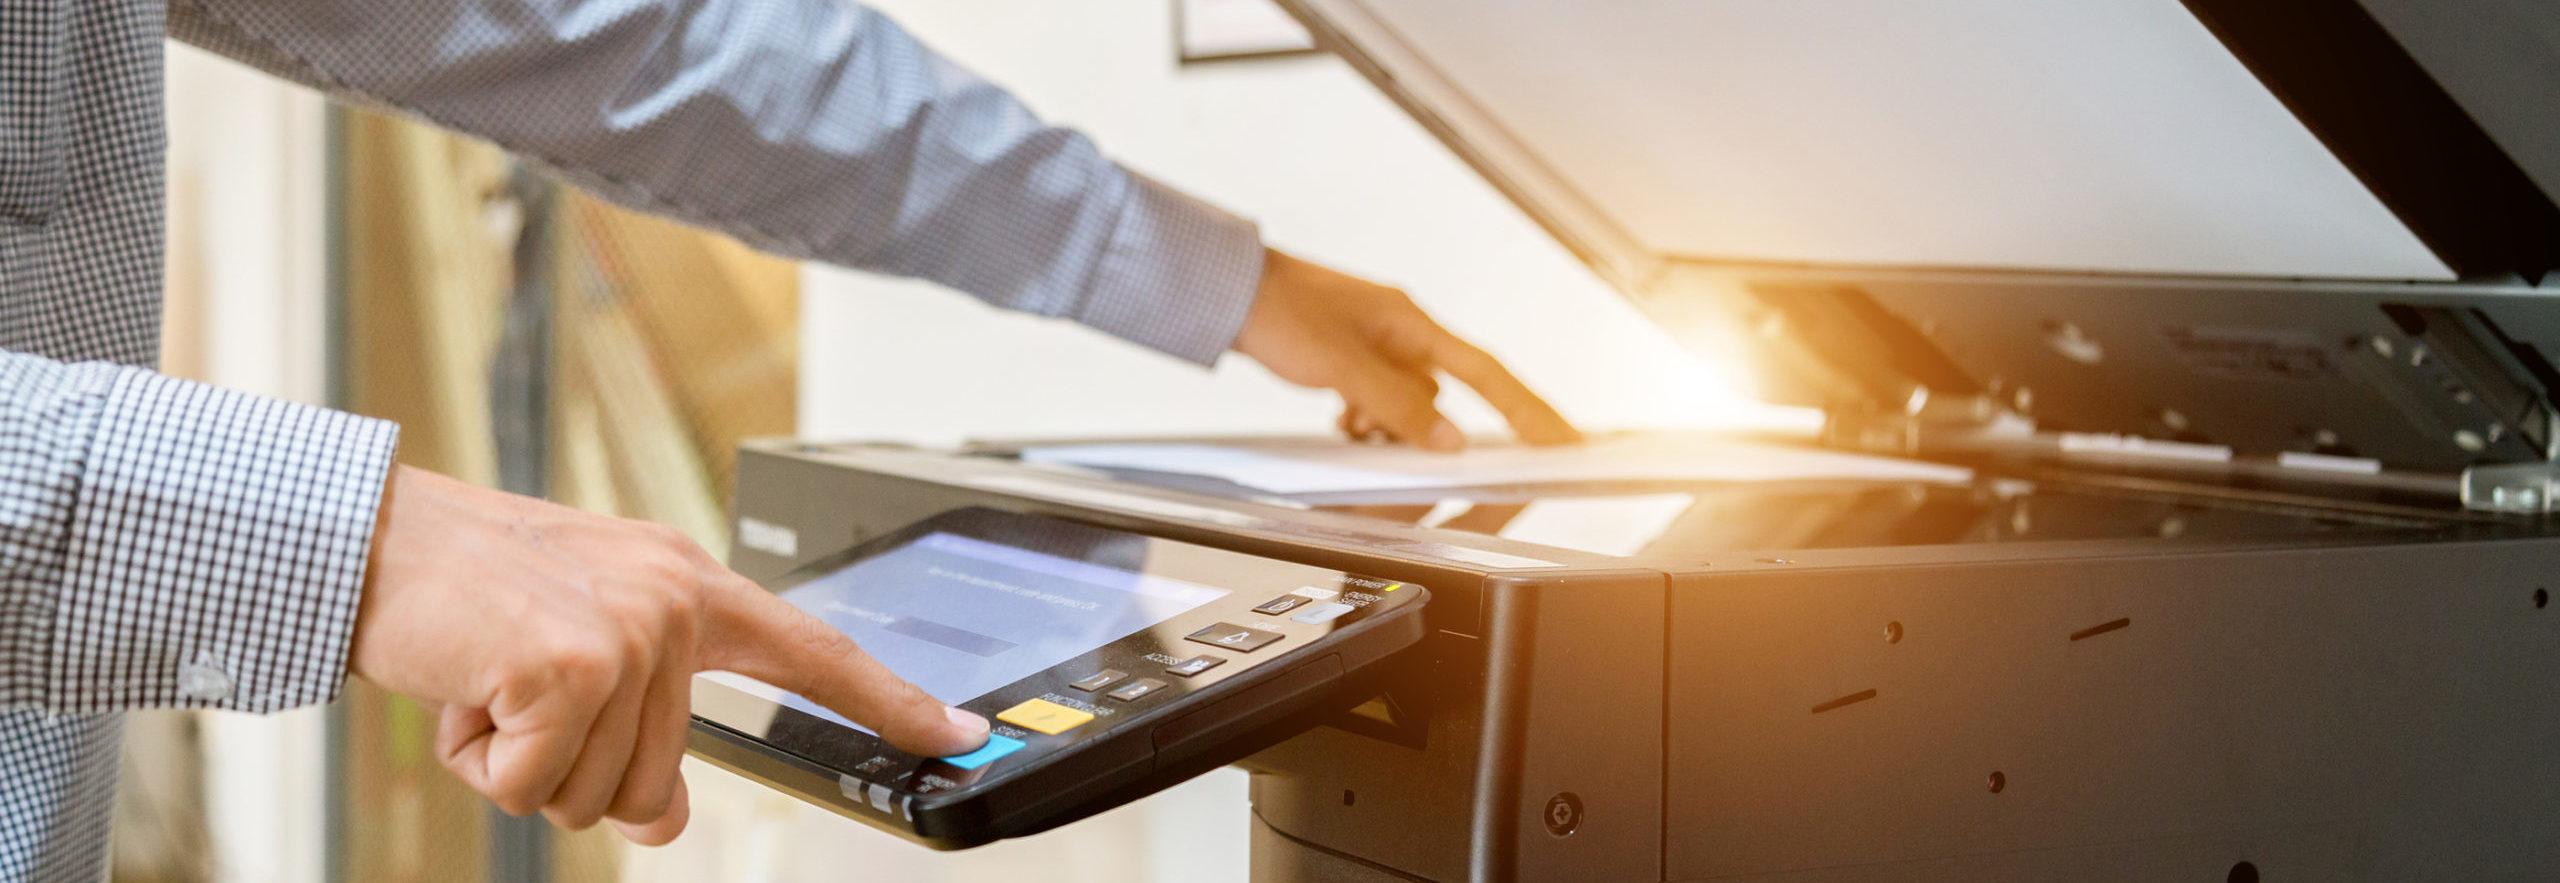 business printer repair